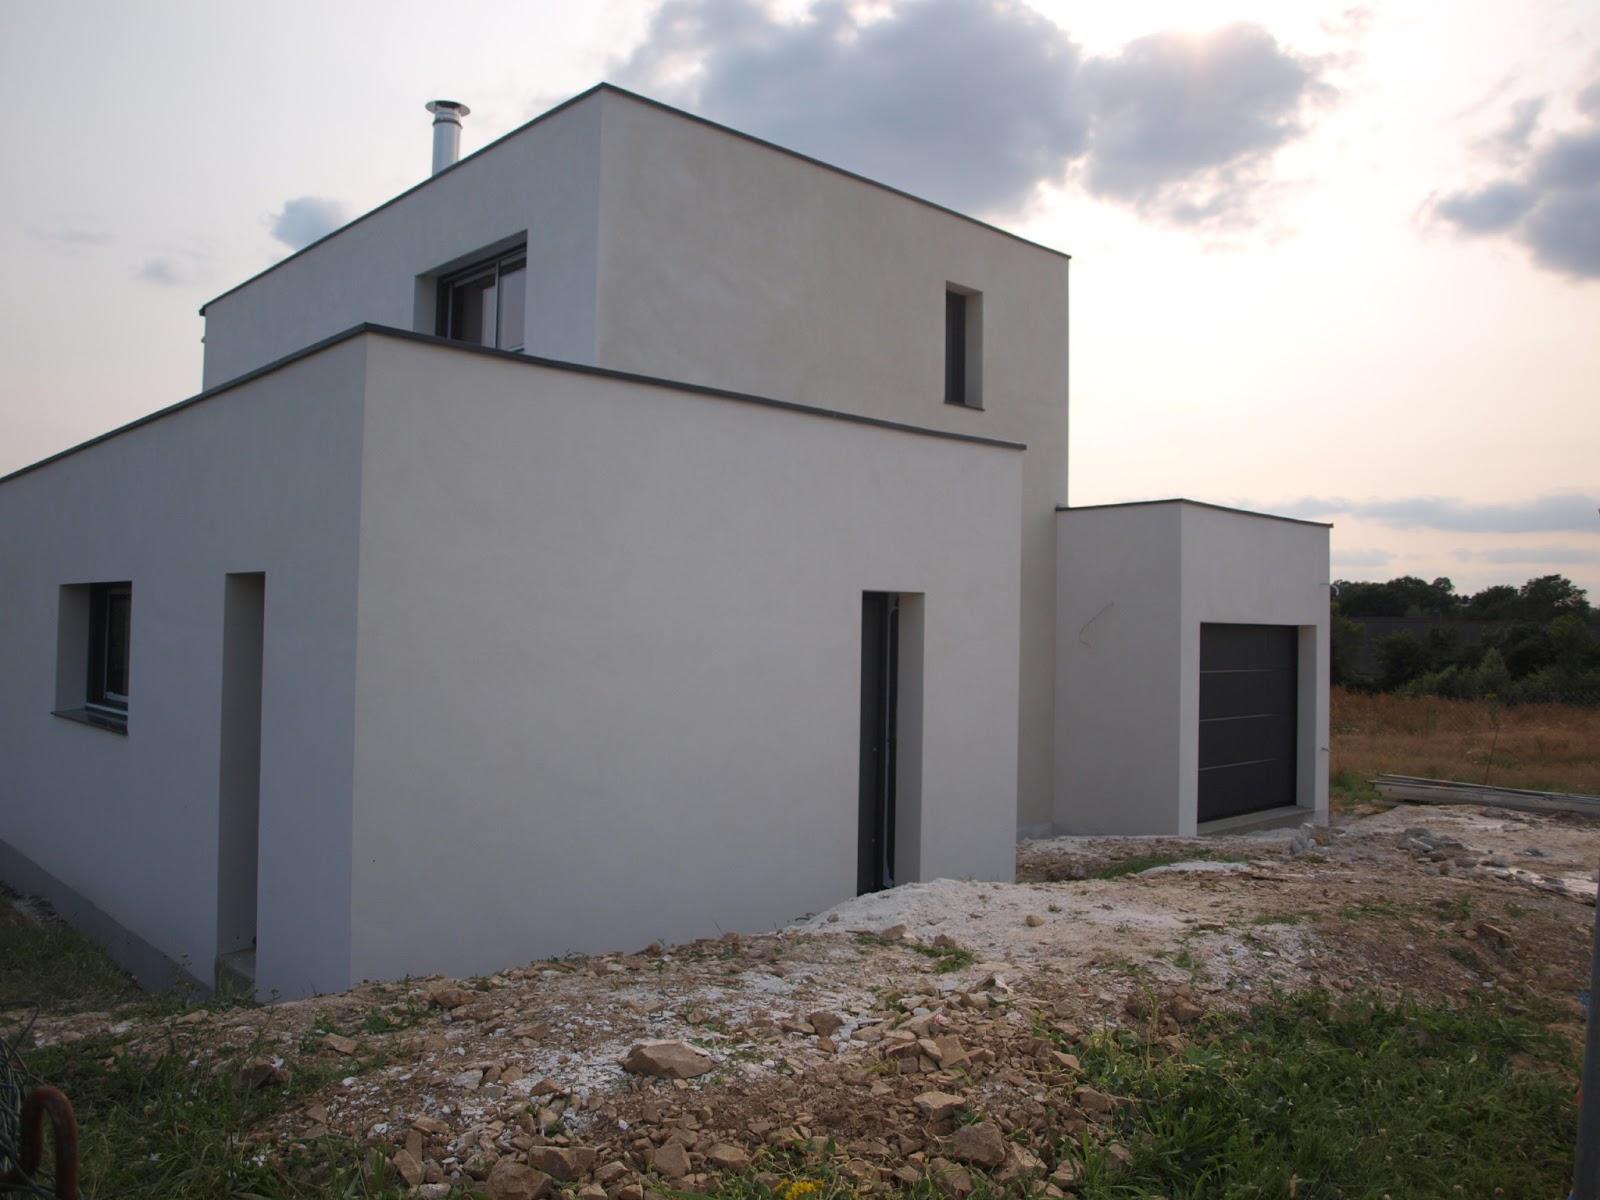 enduit en cours de finition 4 murs 1 toit plat. Black Bedroom Furniture Sets. Home Design Ideas